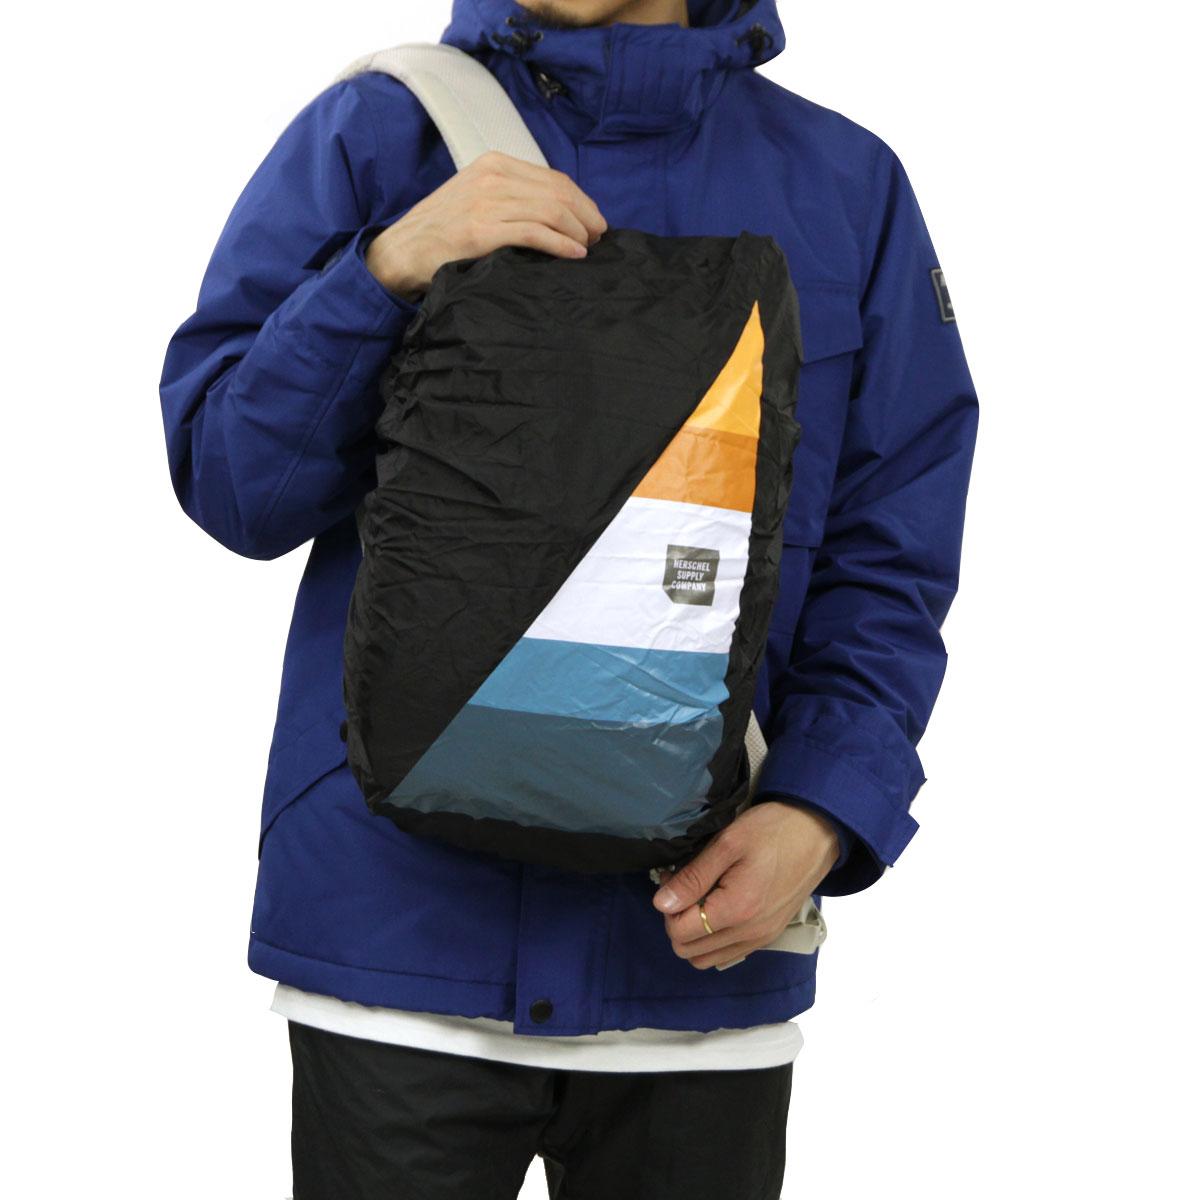 0351328e69d7 Hershel Herschel Supply Regular Bag Barlow Backpack Medium Trail 10270  01388 Os Moonstruck